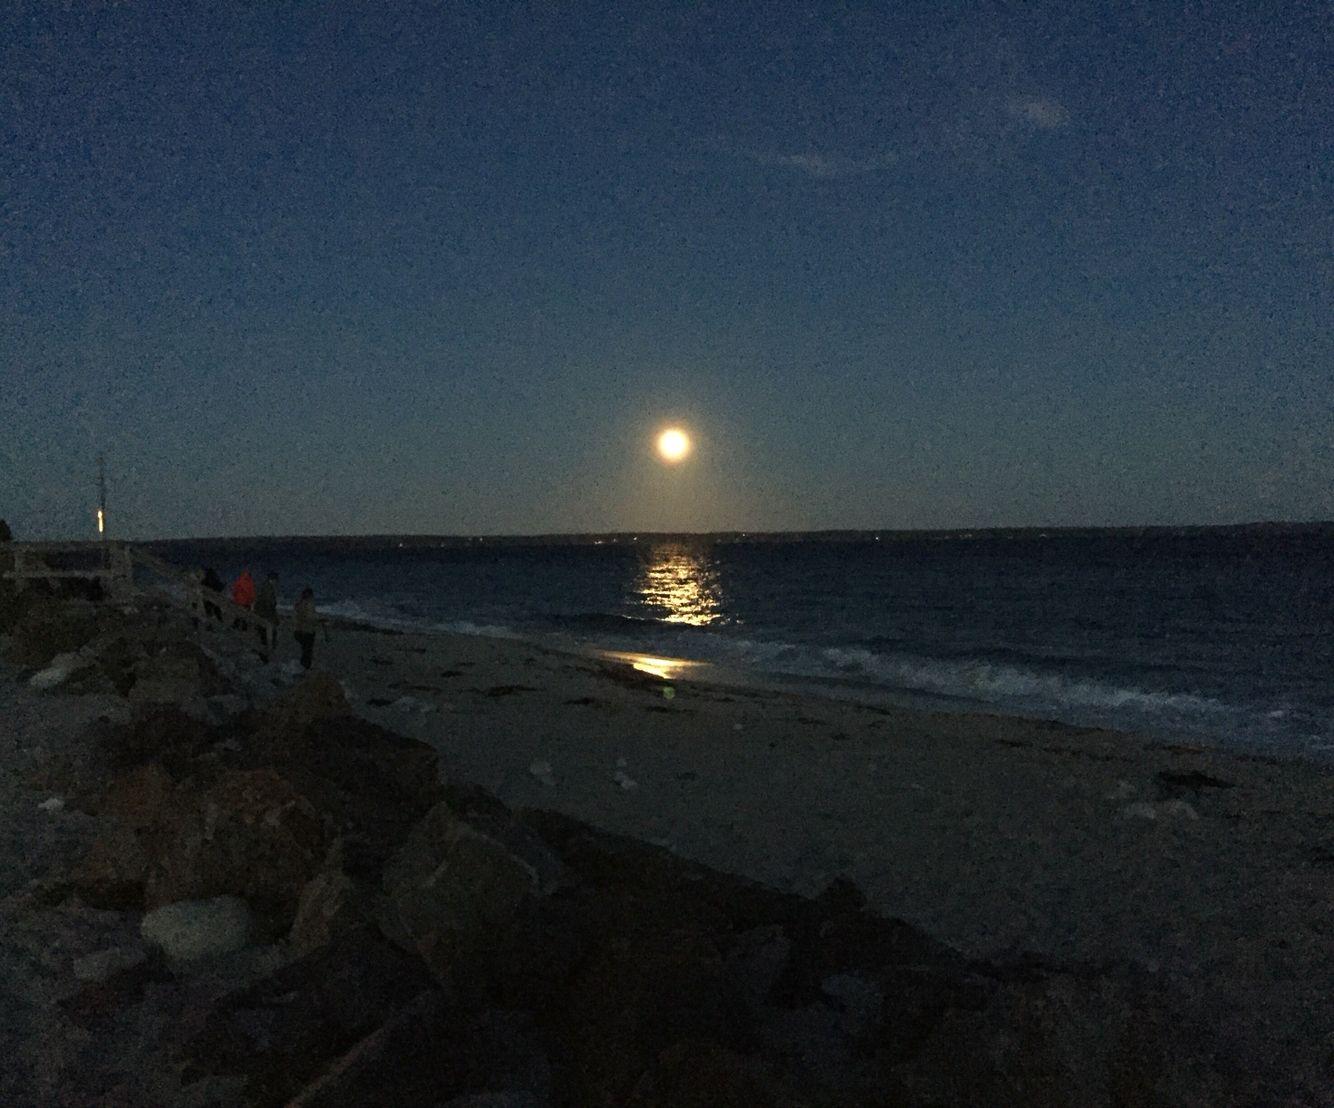 Queensland Beach, Nova Scotia #queensland #novascotia #beach #moon